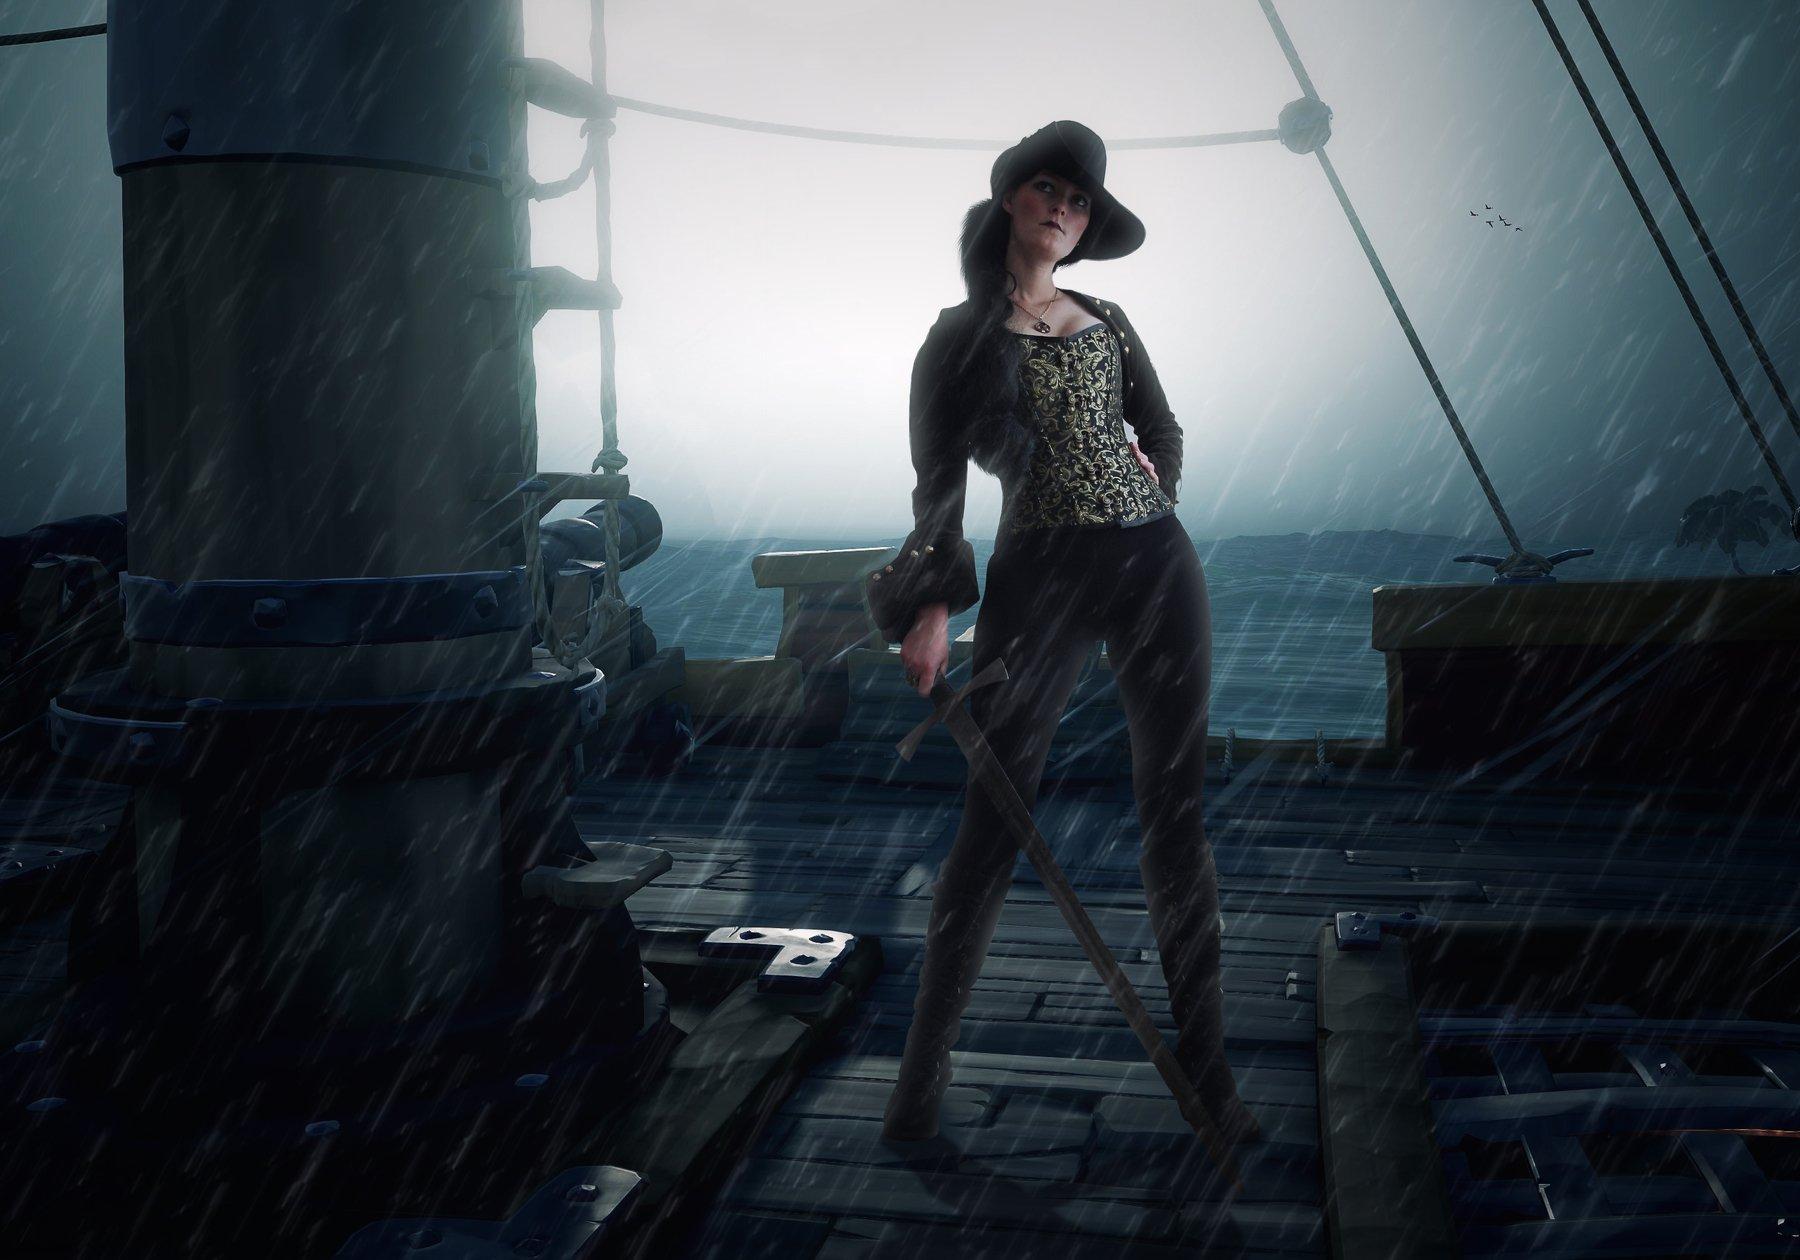 девушка, палуба, дождь, корабль, Sergii Vidov